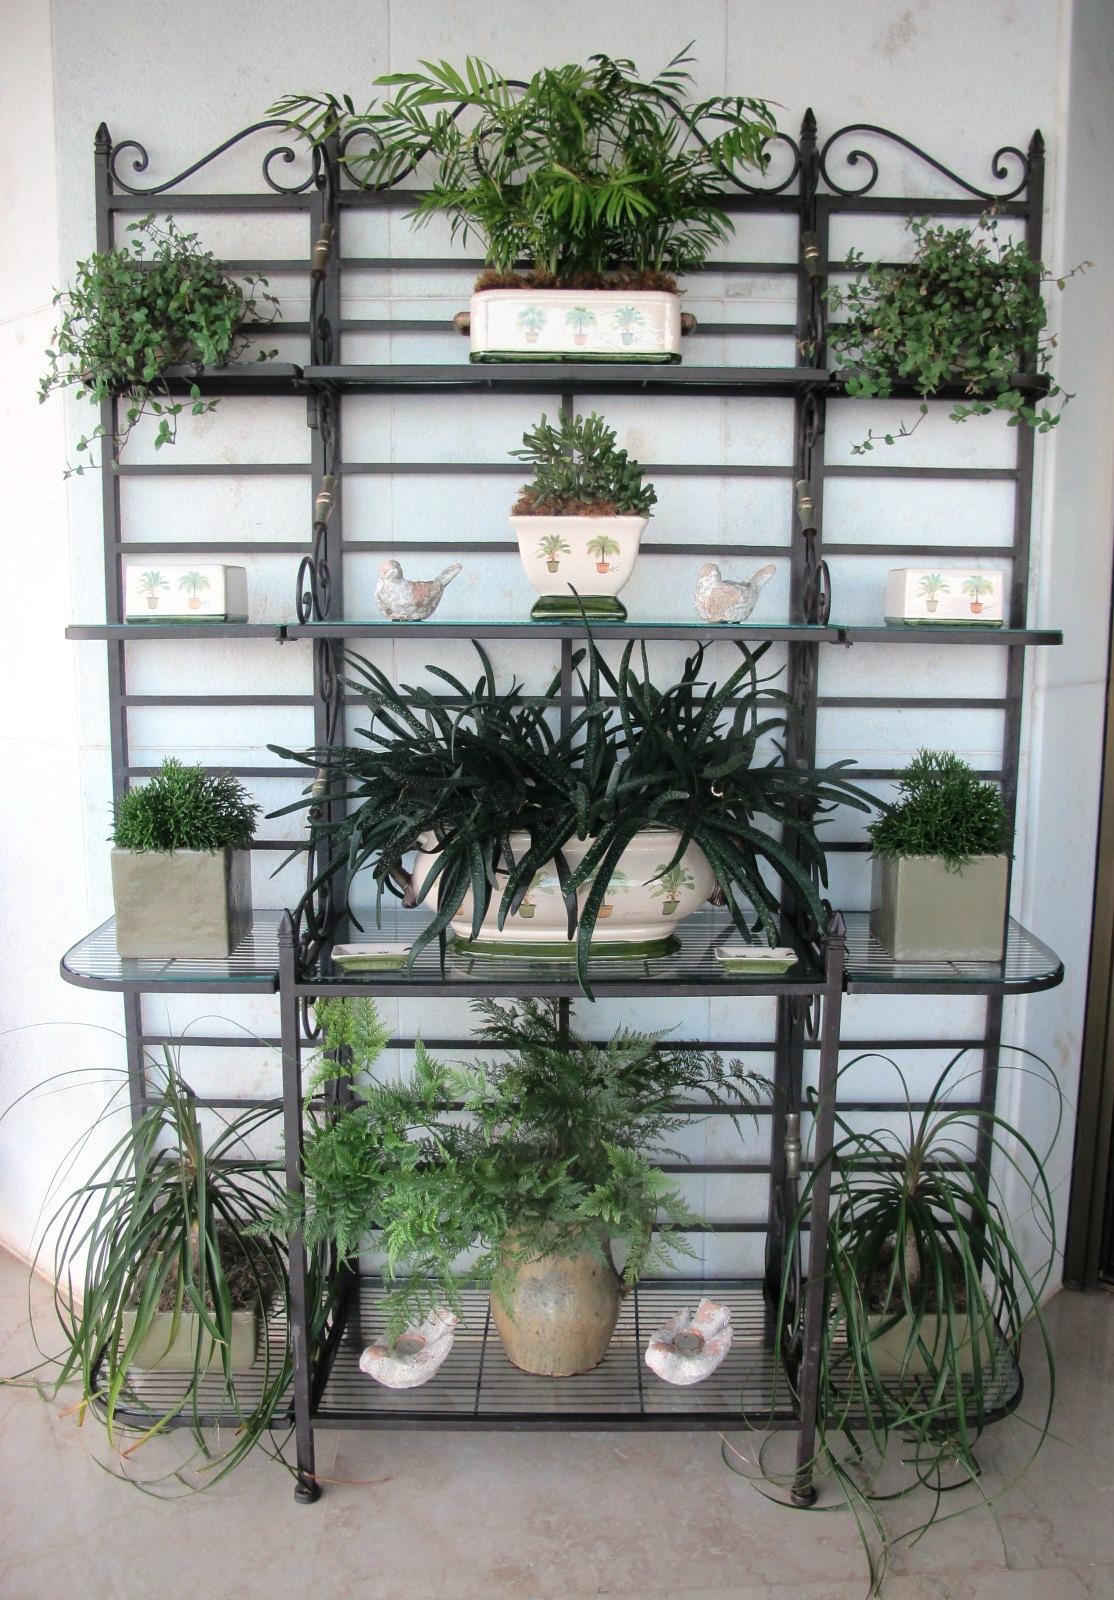 Blog da andrea rudge minhas estantes - Estantes para plantas ...